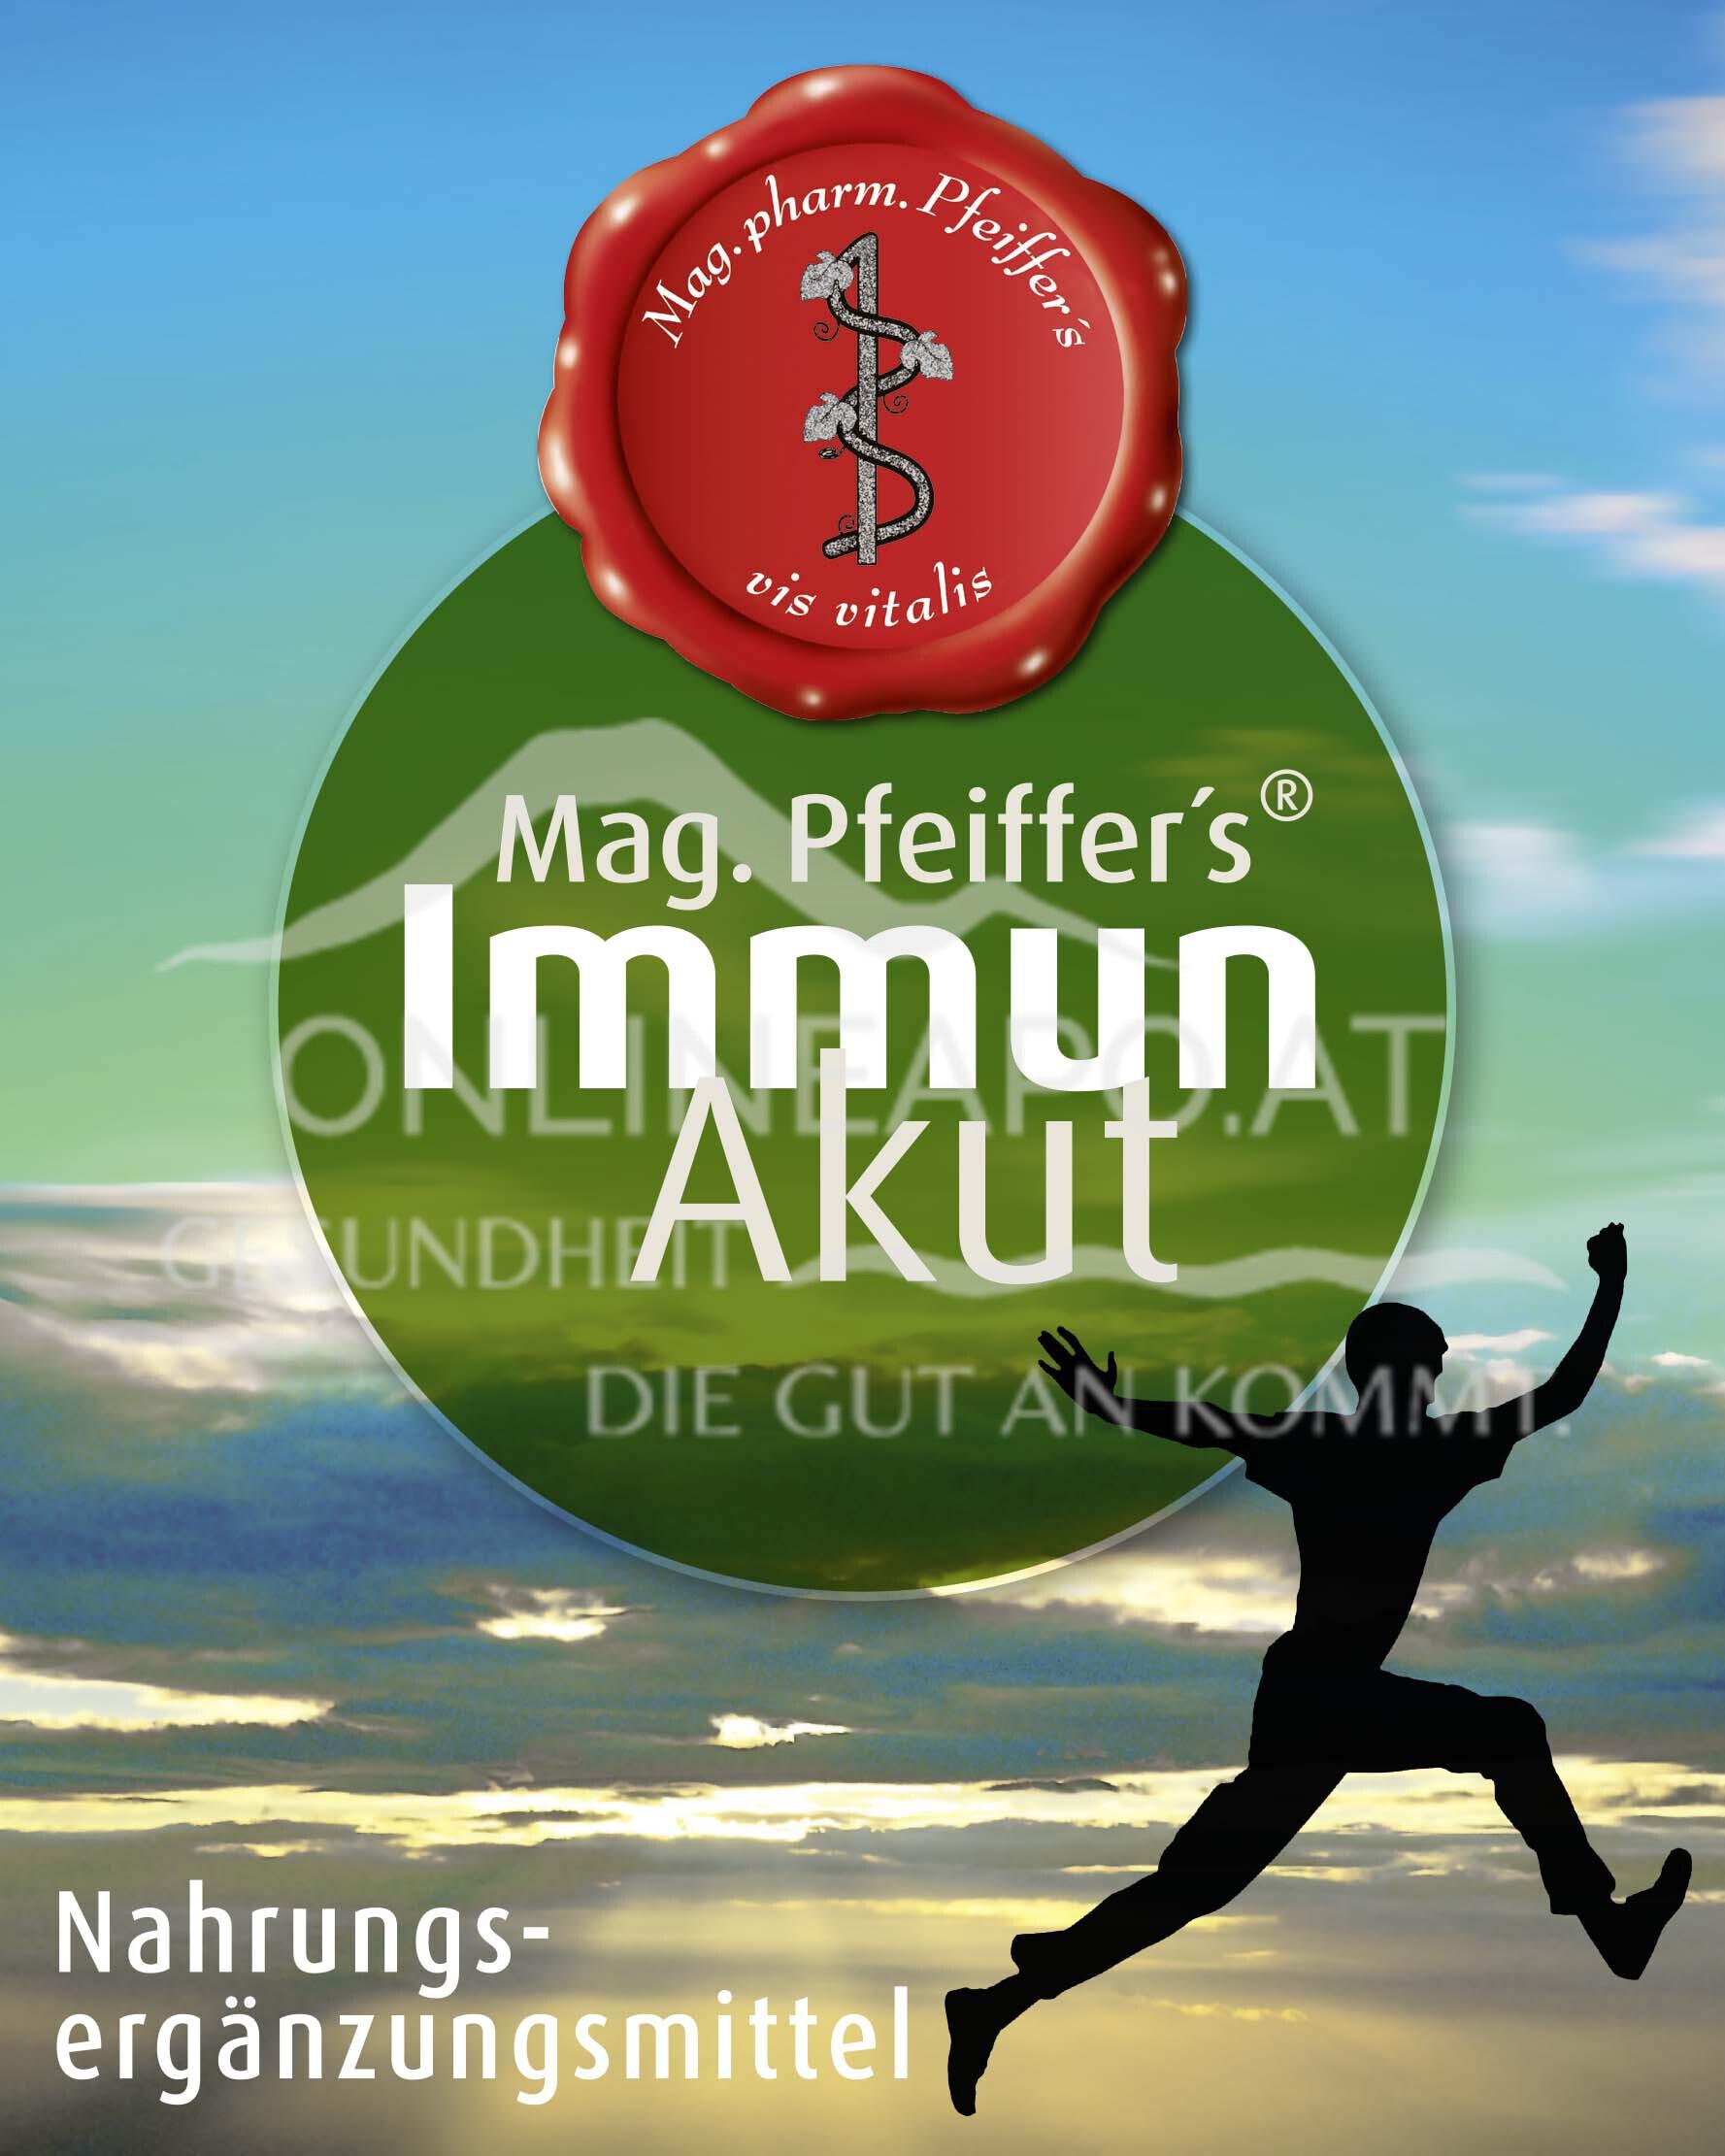 Mag. Pfeiffer's® Immun akut